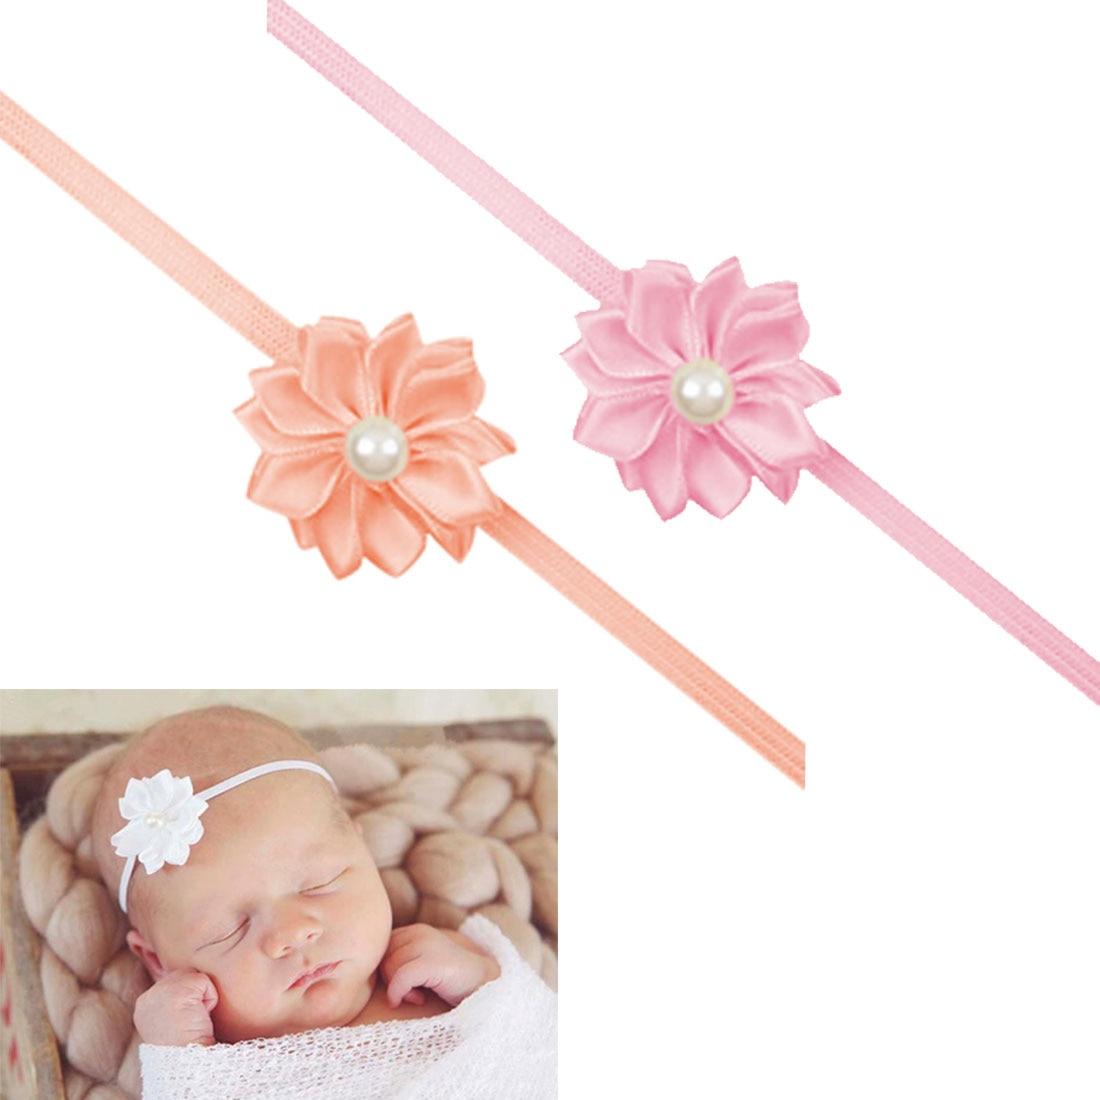 Bebê bandana mini fita de cetim flores pérola bandana menina recém-nascido elástico faixa de cabelo polígono headwear crianças acessórios para o cabelo